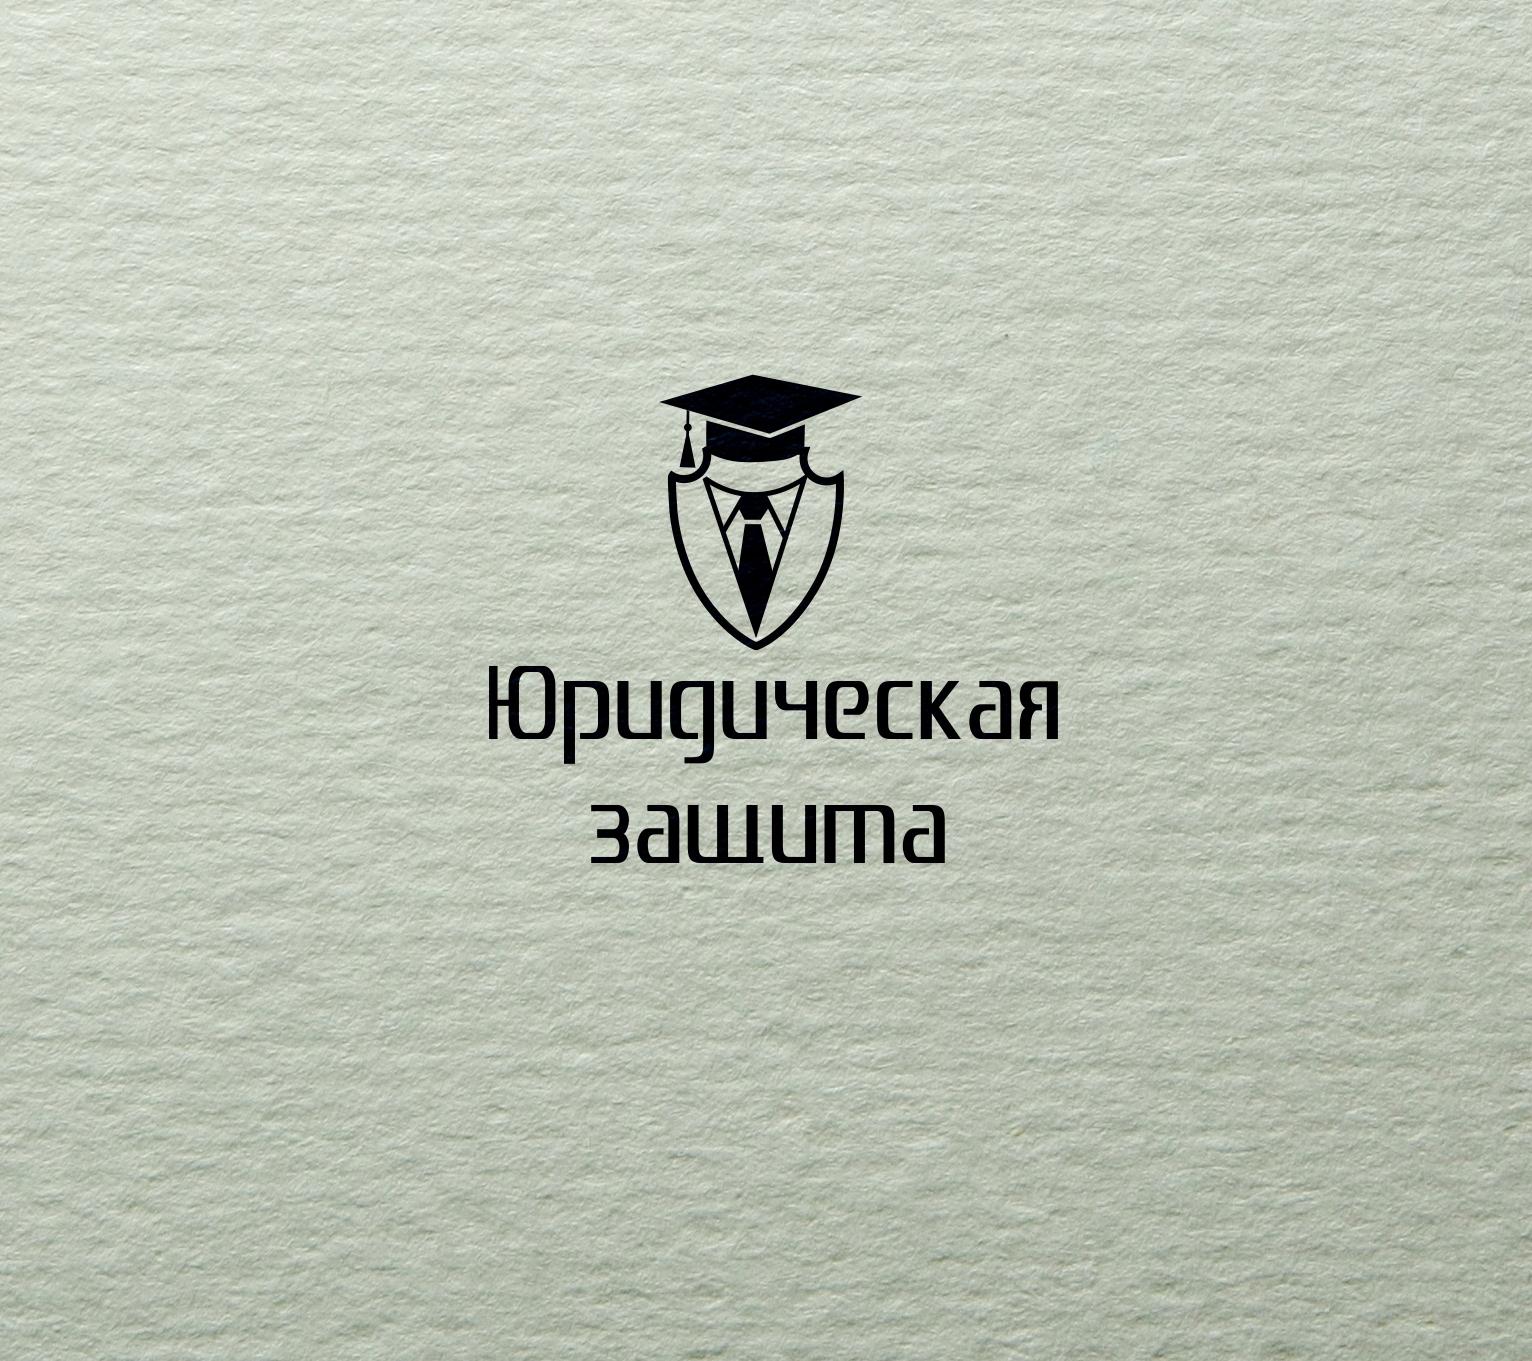 Разработка логотипа для юридической компании фото f_70255e2f57e959a4.jpg